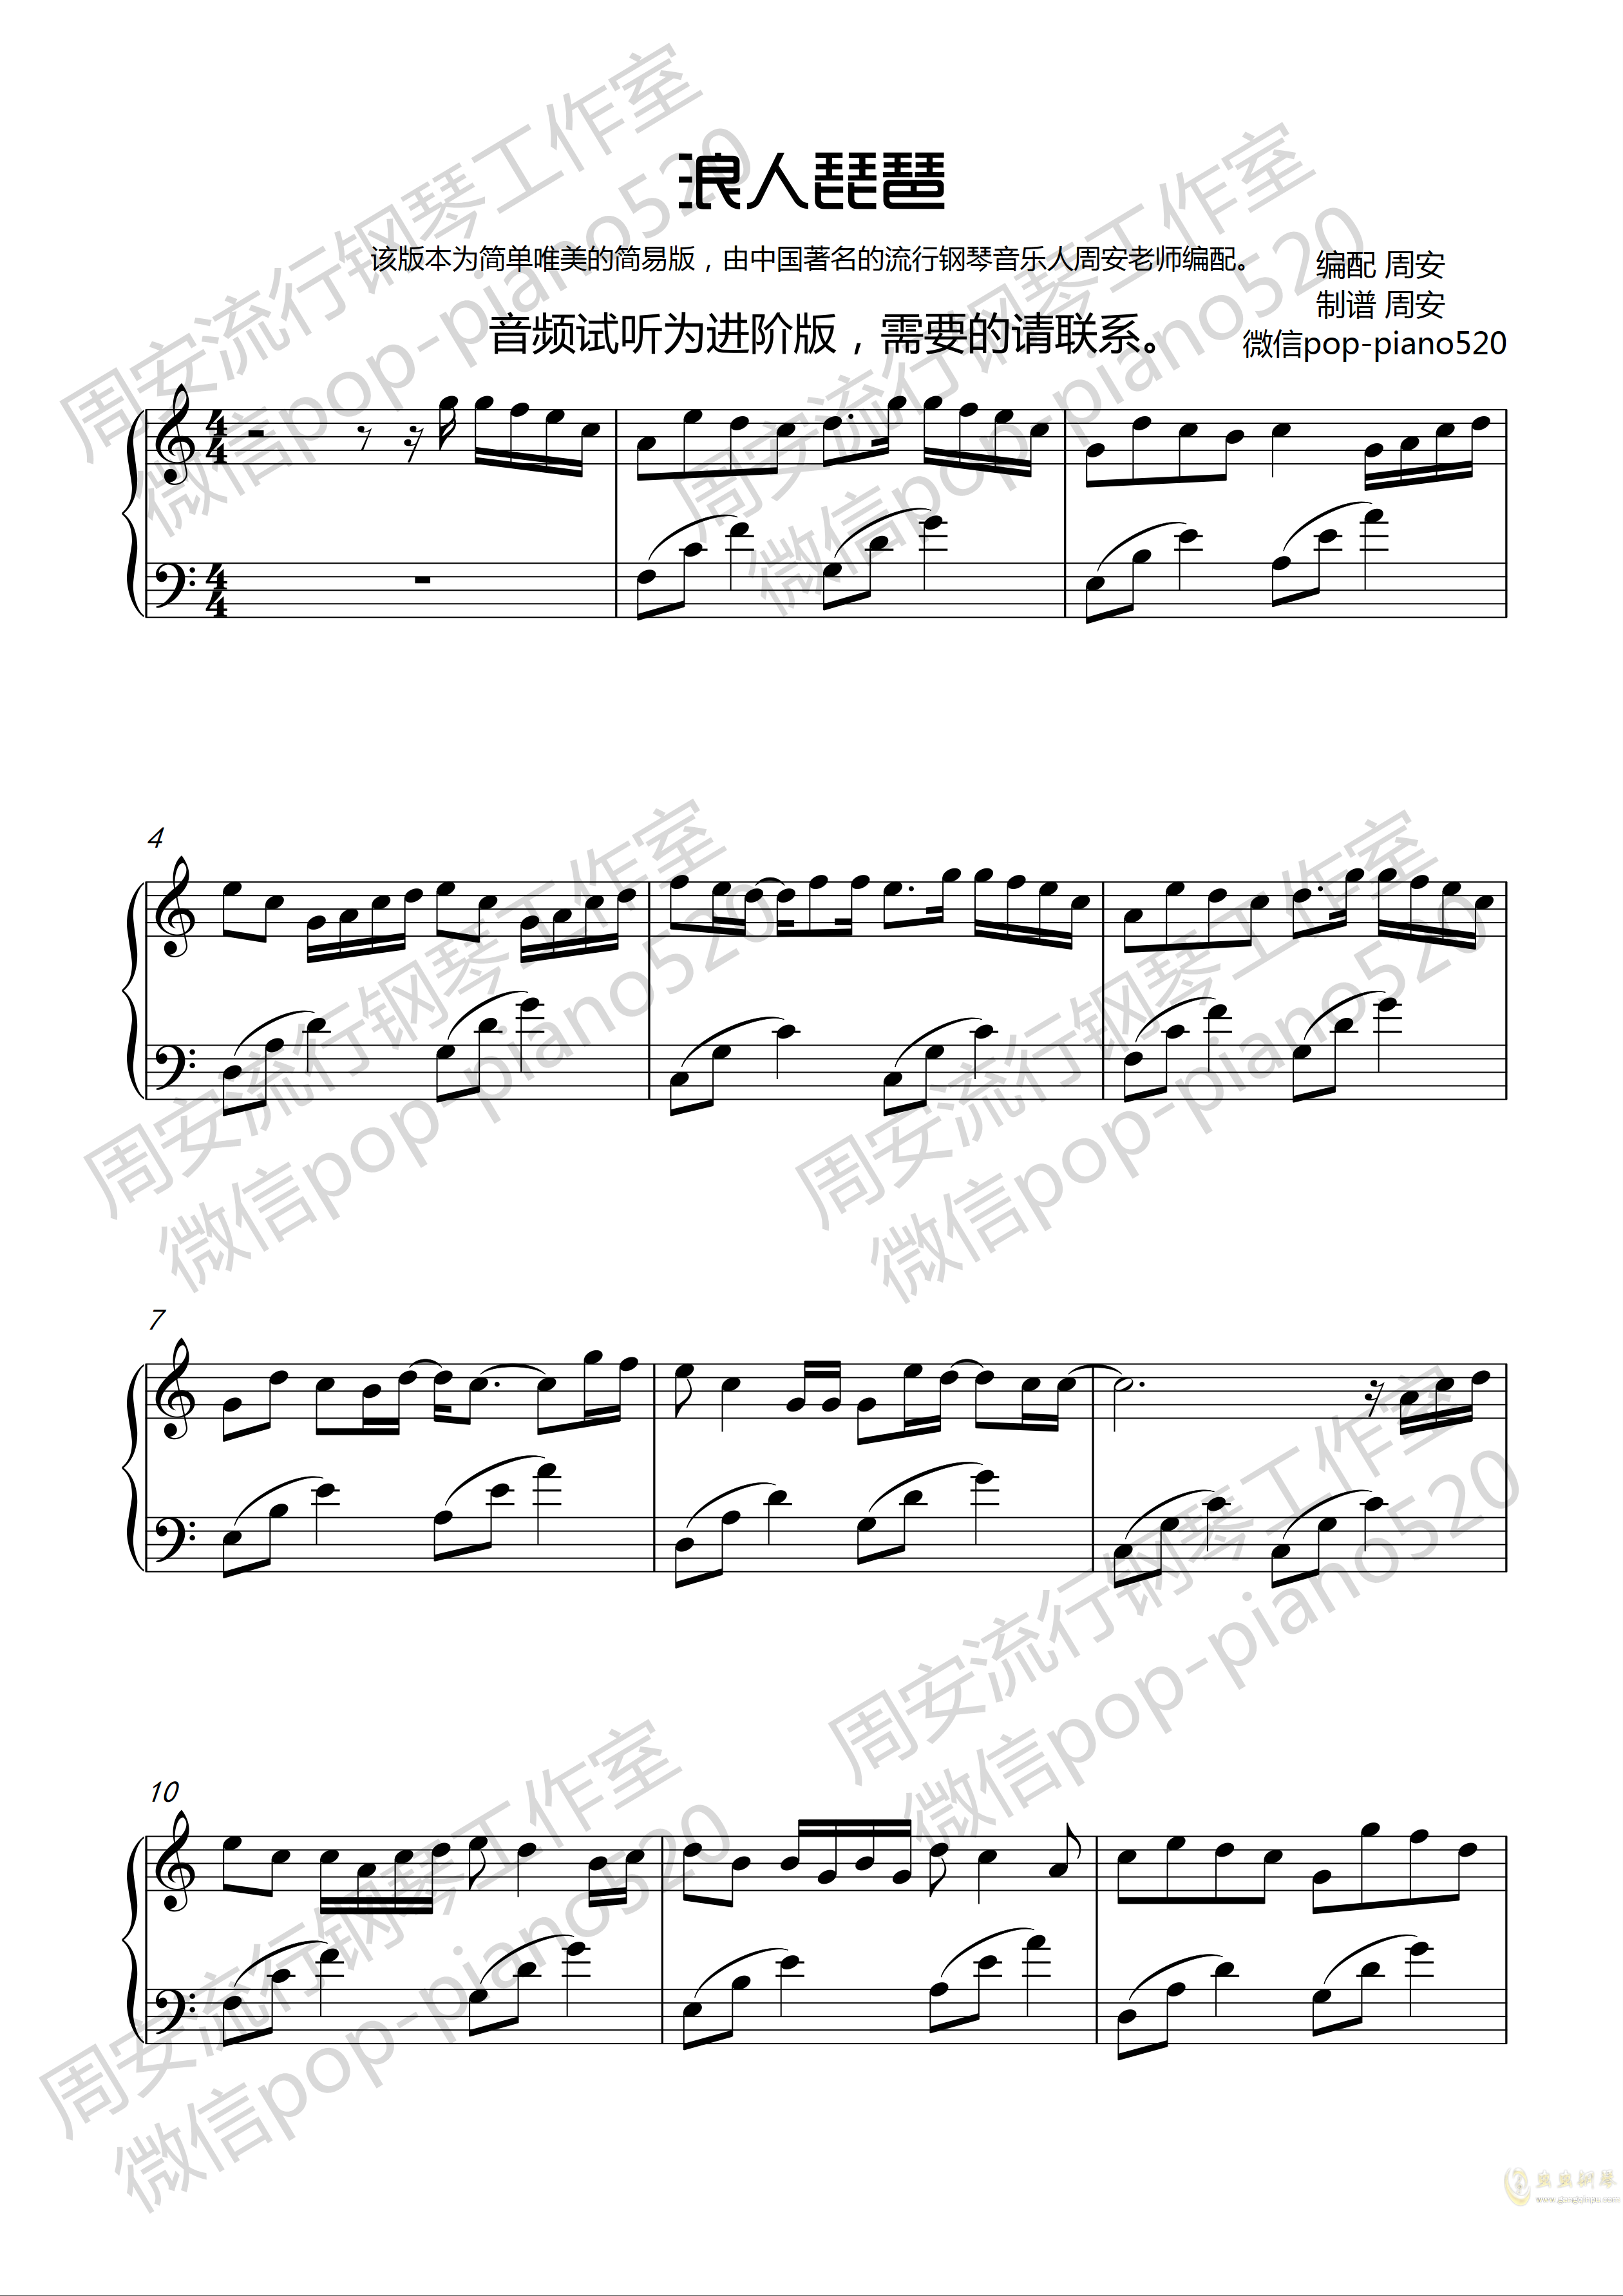 浪人琵琶钢琴谱 第1页